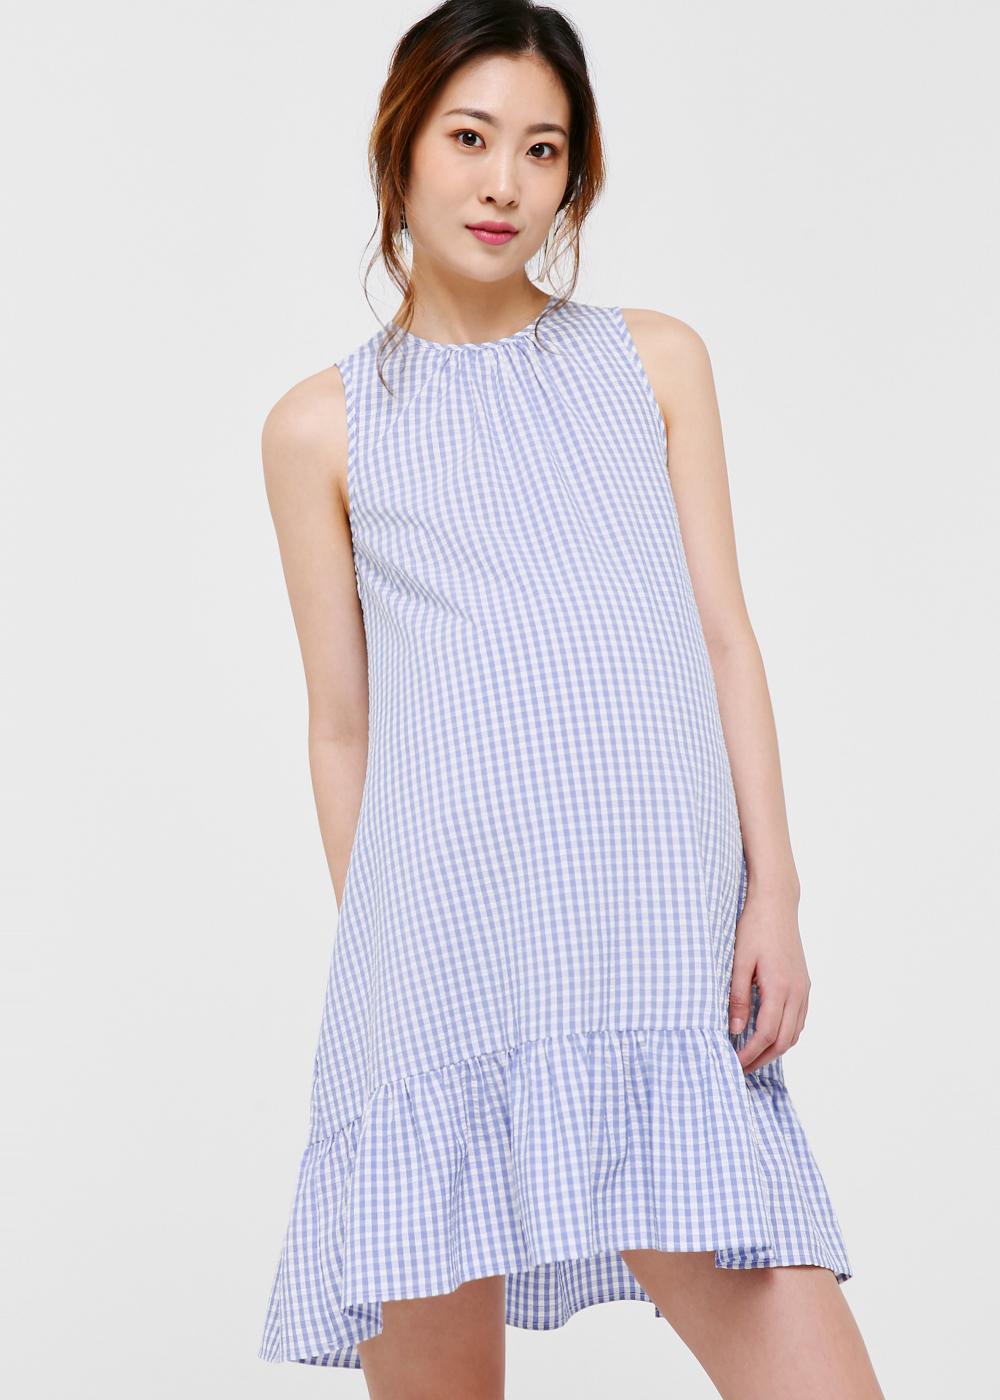 Brenna Ruffle Hem Gingham Dress